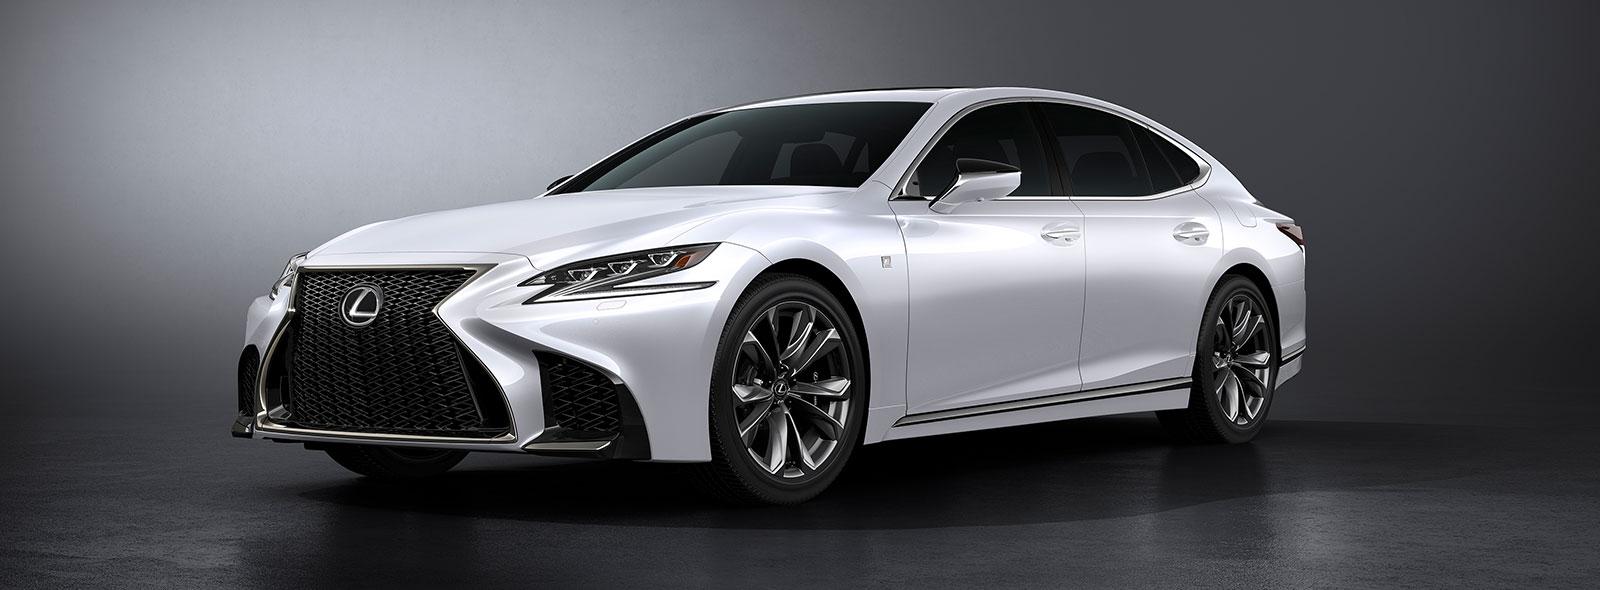 Vista lateral frontal del nuevo Lexus LS 500 blanco